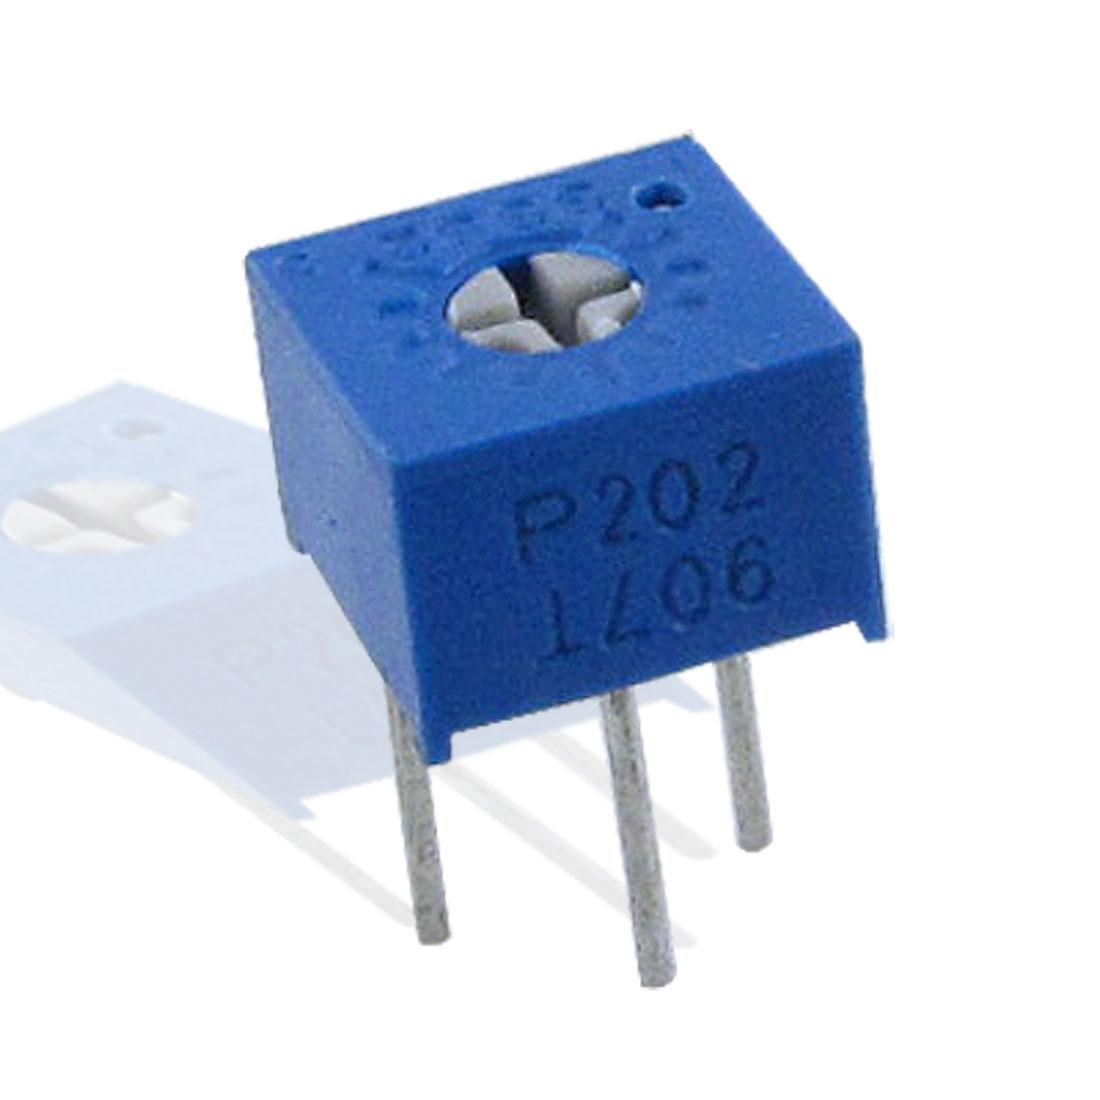 5 x 50K ohm 500V 10% Trimpot Variable Resisitors 3362P-1-503